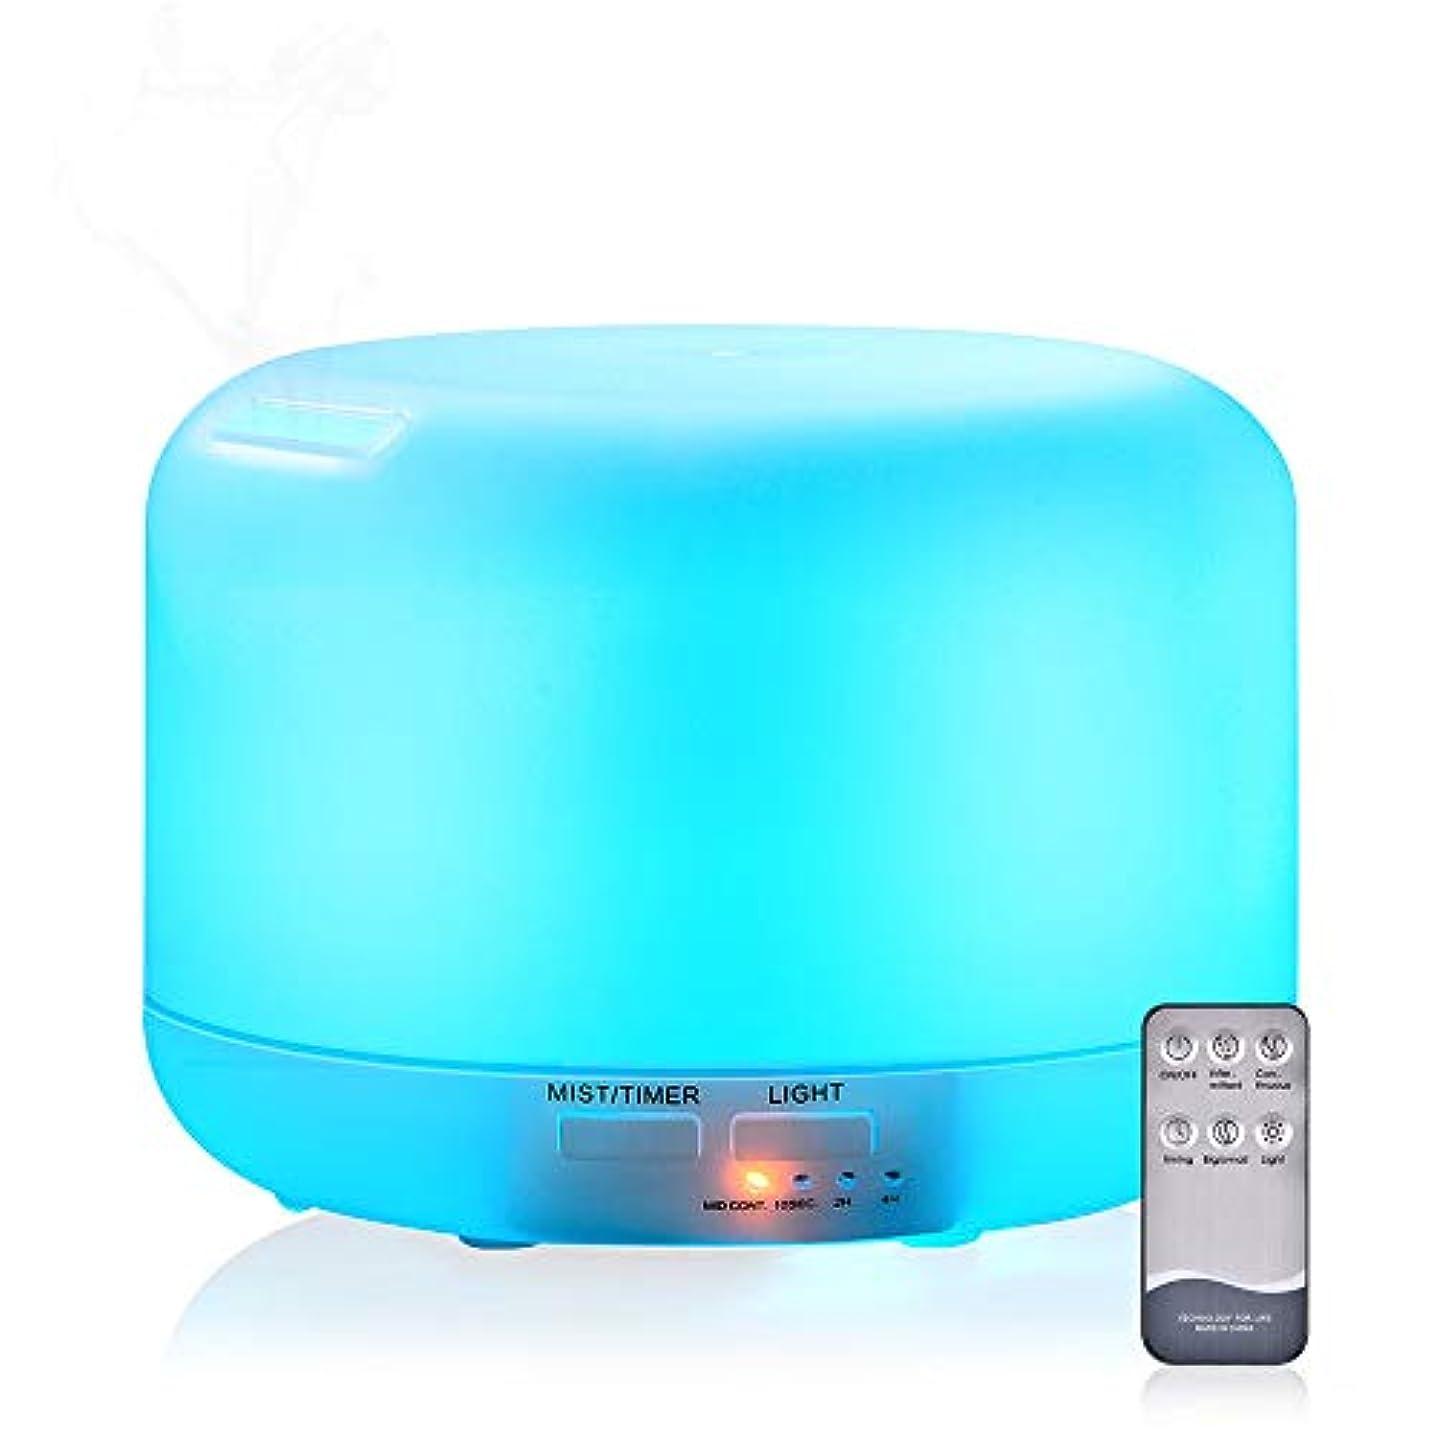 精通した解釈する敬意500ミリメートルリモコン空気アロマ超音波加湿器カラーLEDライト電気アロマセラピーエッセンシャルオイルディフューザー